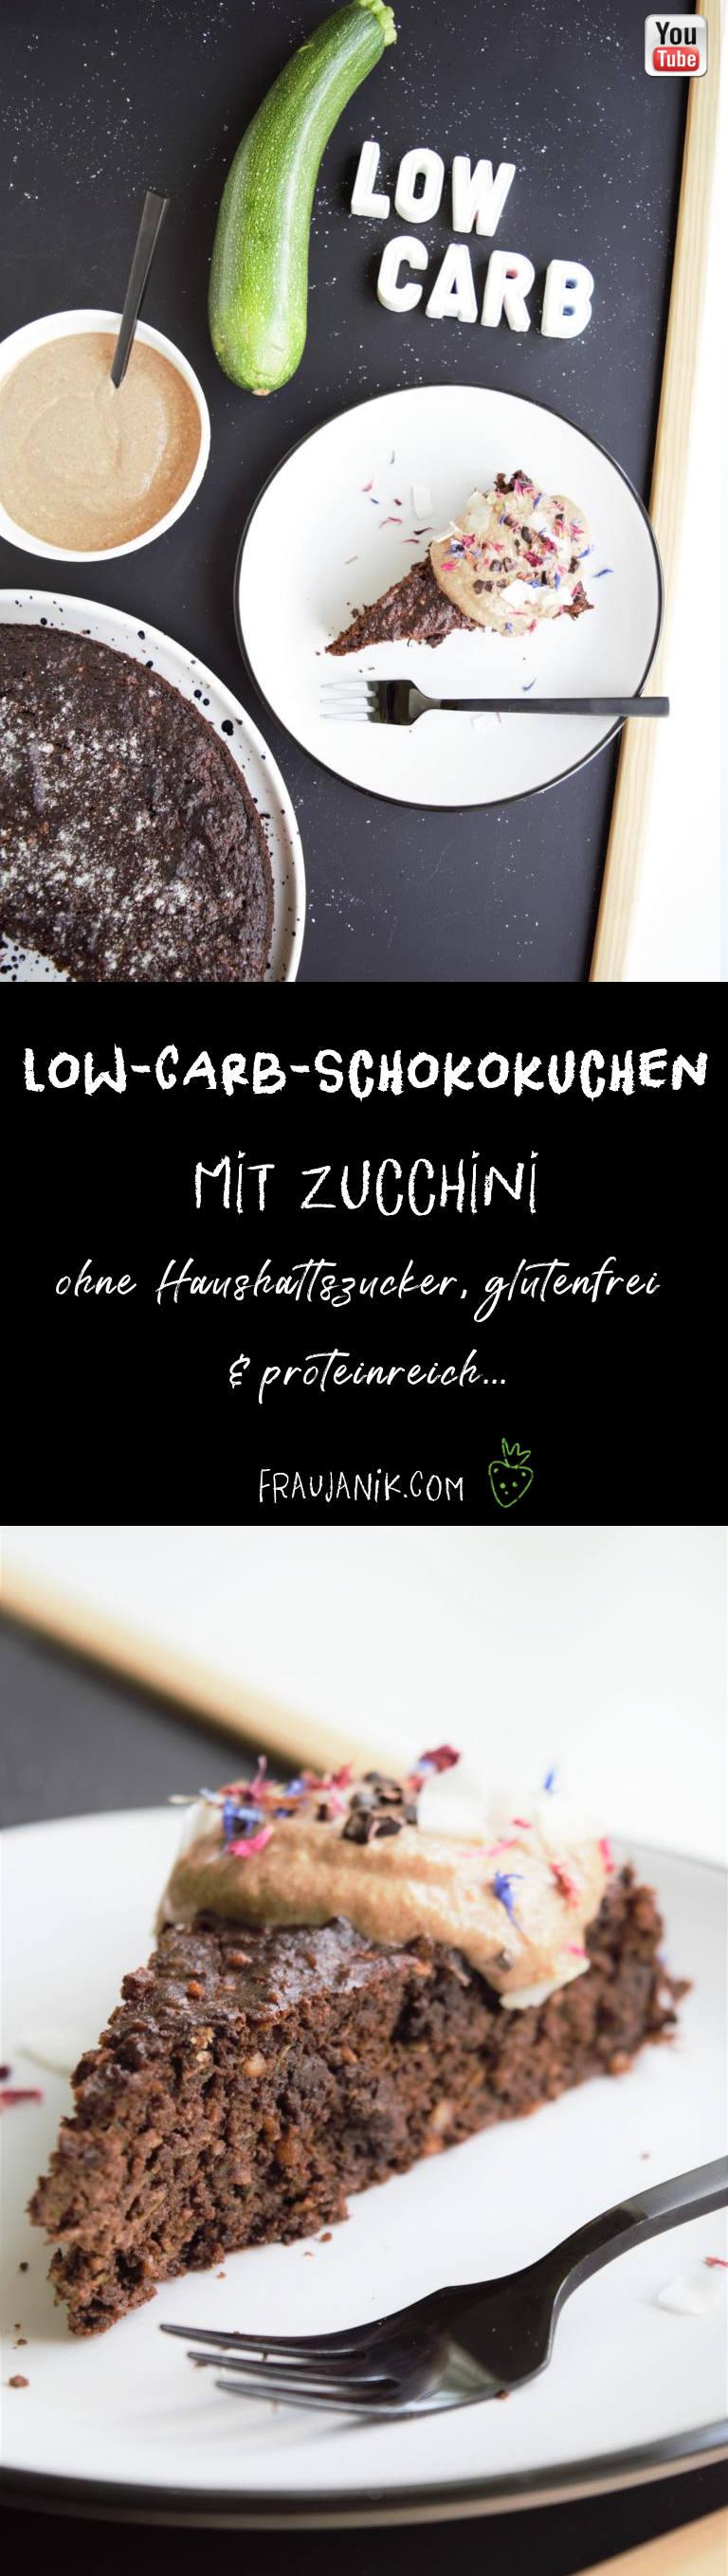 Low Carb Schokokuchen mit Zucchini